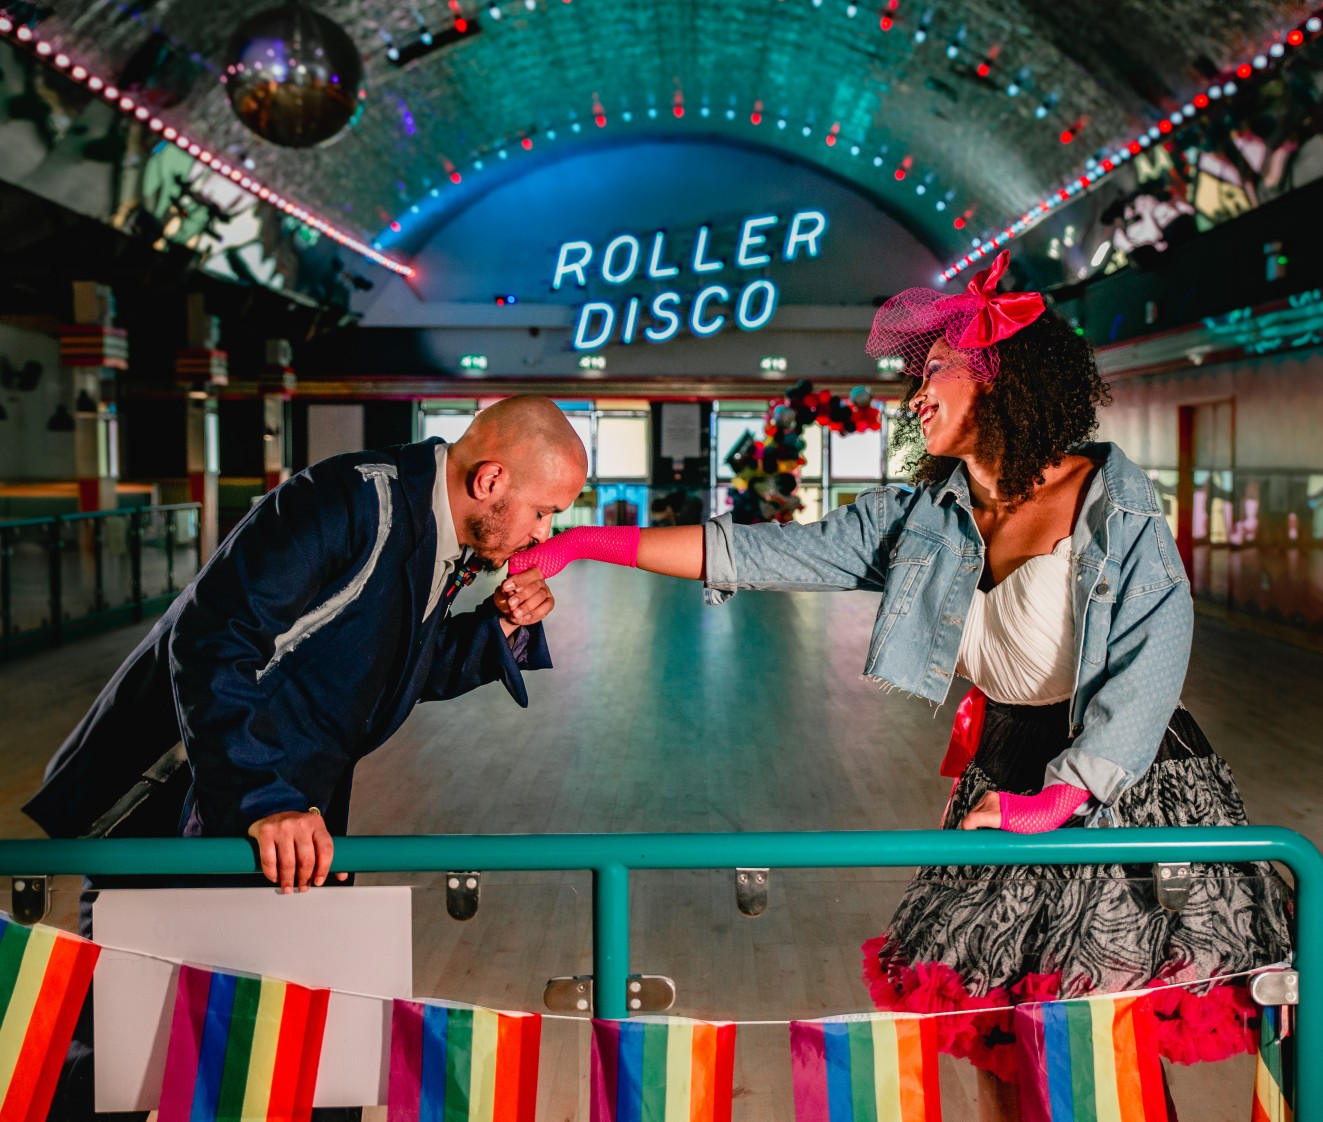 roller disco wedding - 80s themed wedding - retro wedding wear - quirky wedding venue - margate wedding venue